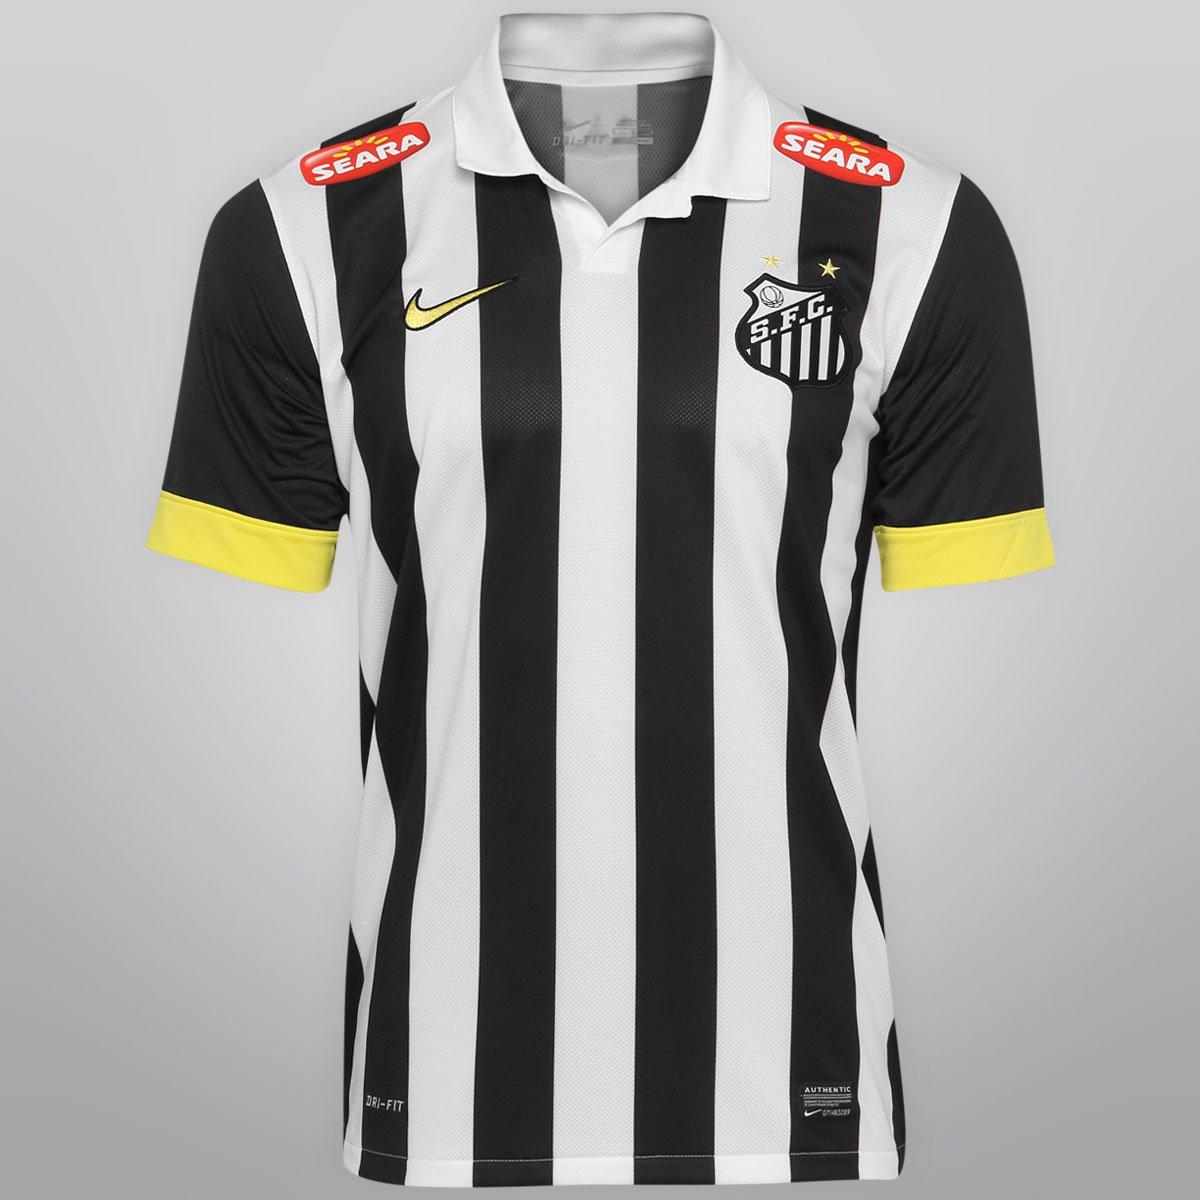 Camisa Nike Santos II 13 14 s nº - Compre Agora  612079d290107